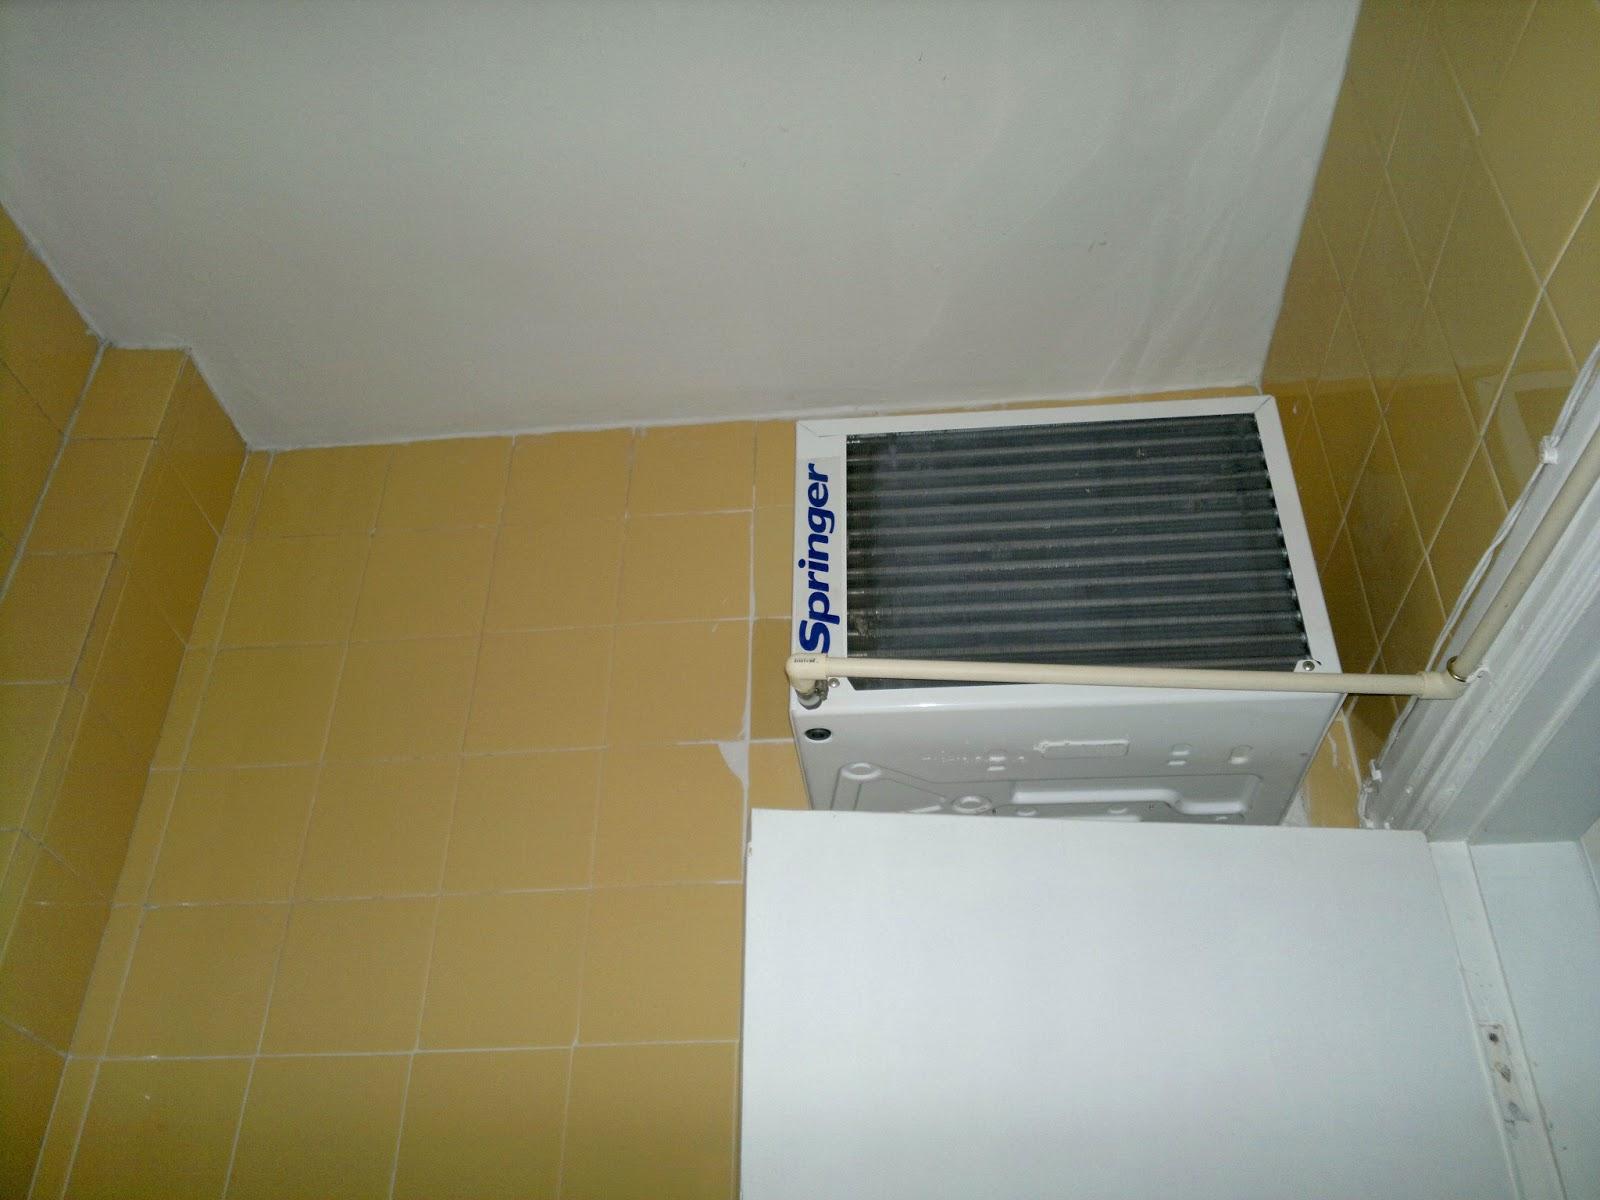 #614F14 Dicas do Gilson Eletricista: Um ar condicionado de janela poderá ser  4212 Instalar Ar Condicionado Janela Apartamento